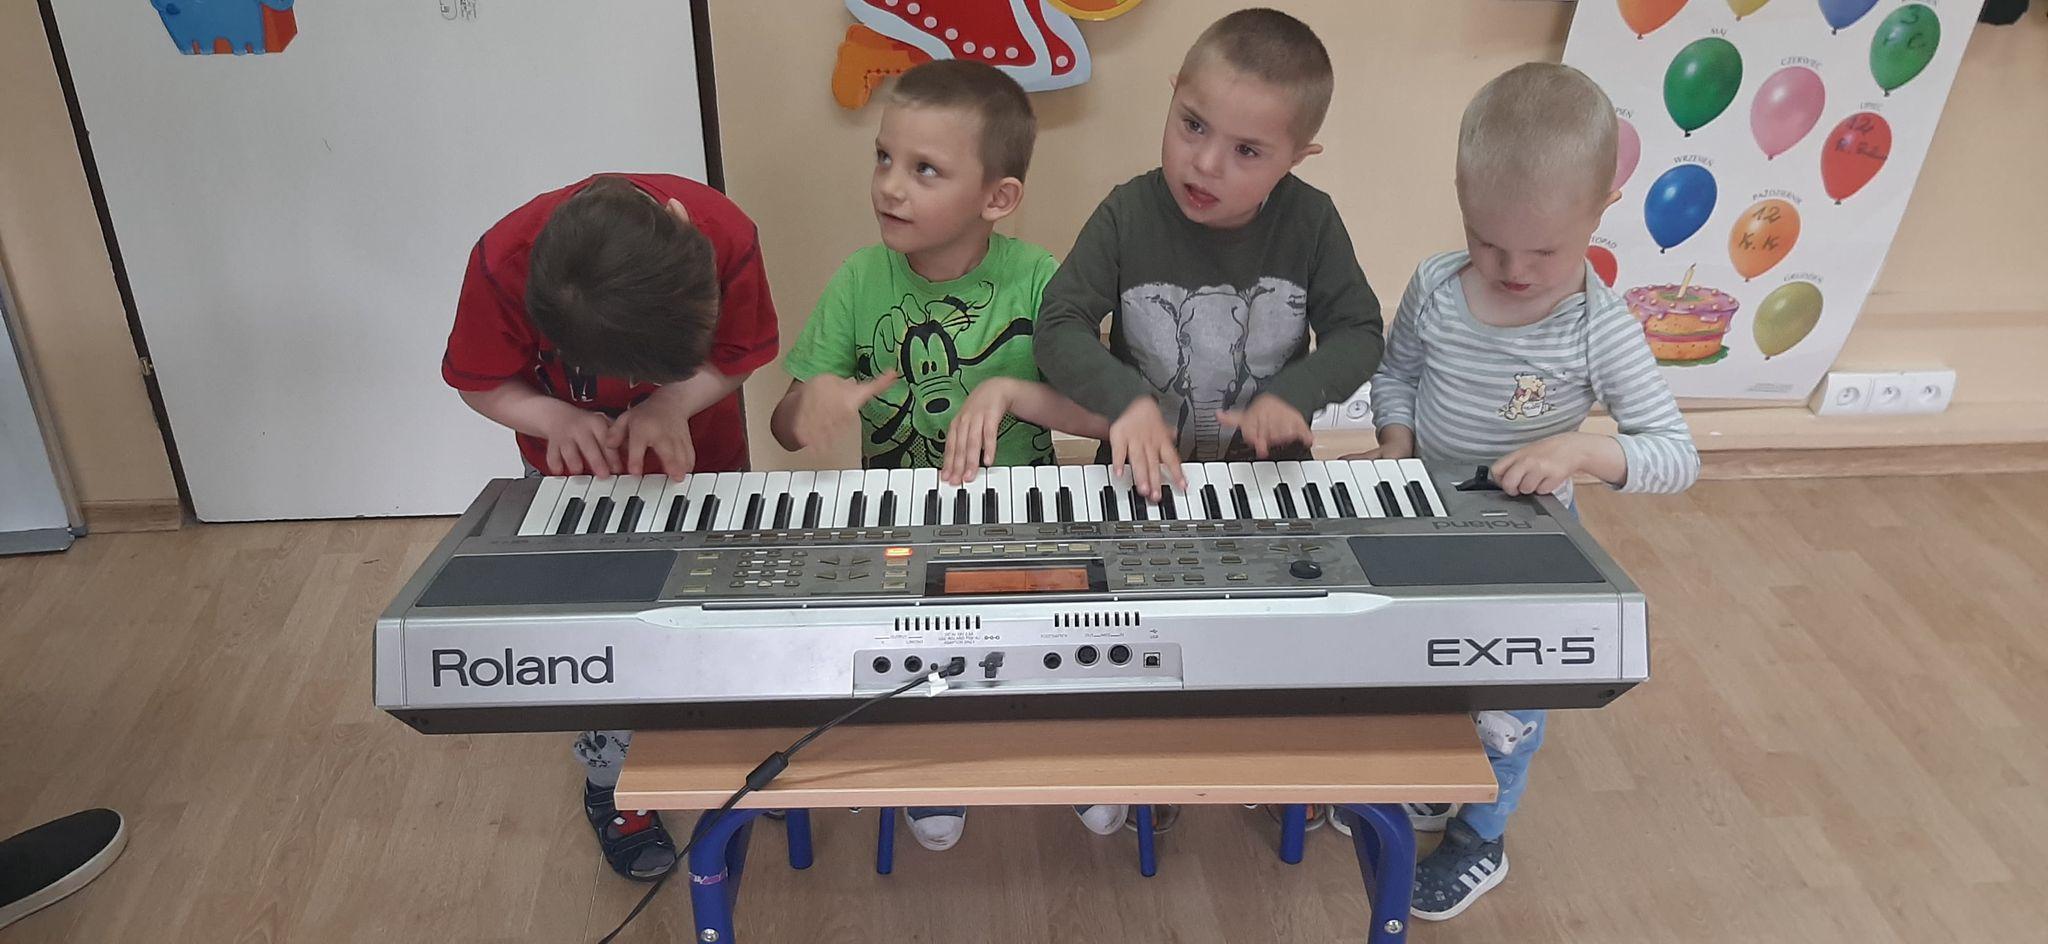 Uczniowie graja na instrumencie klawiszowym